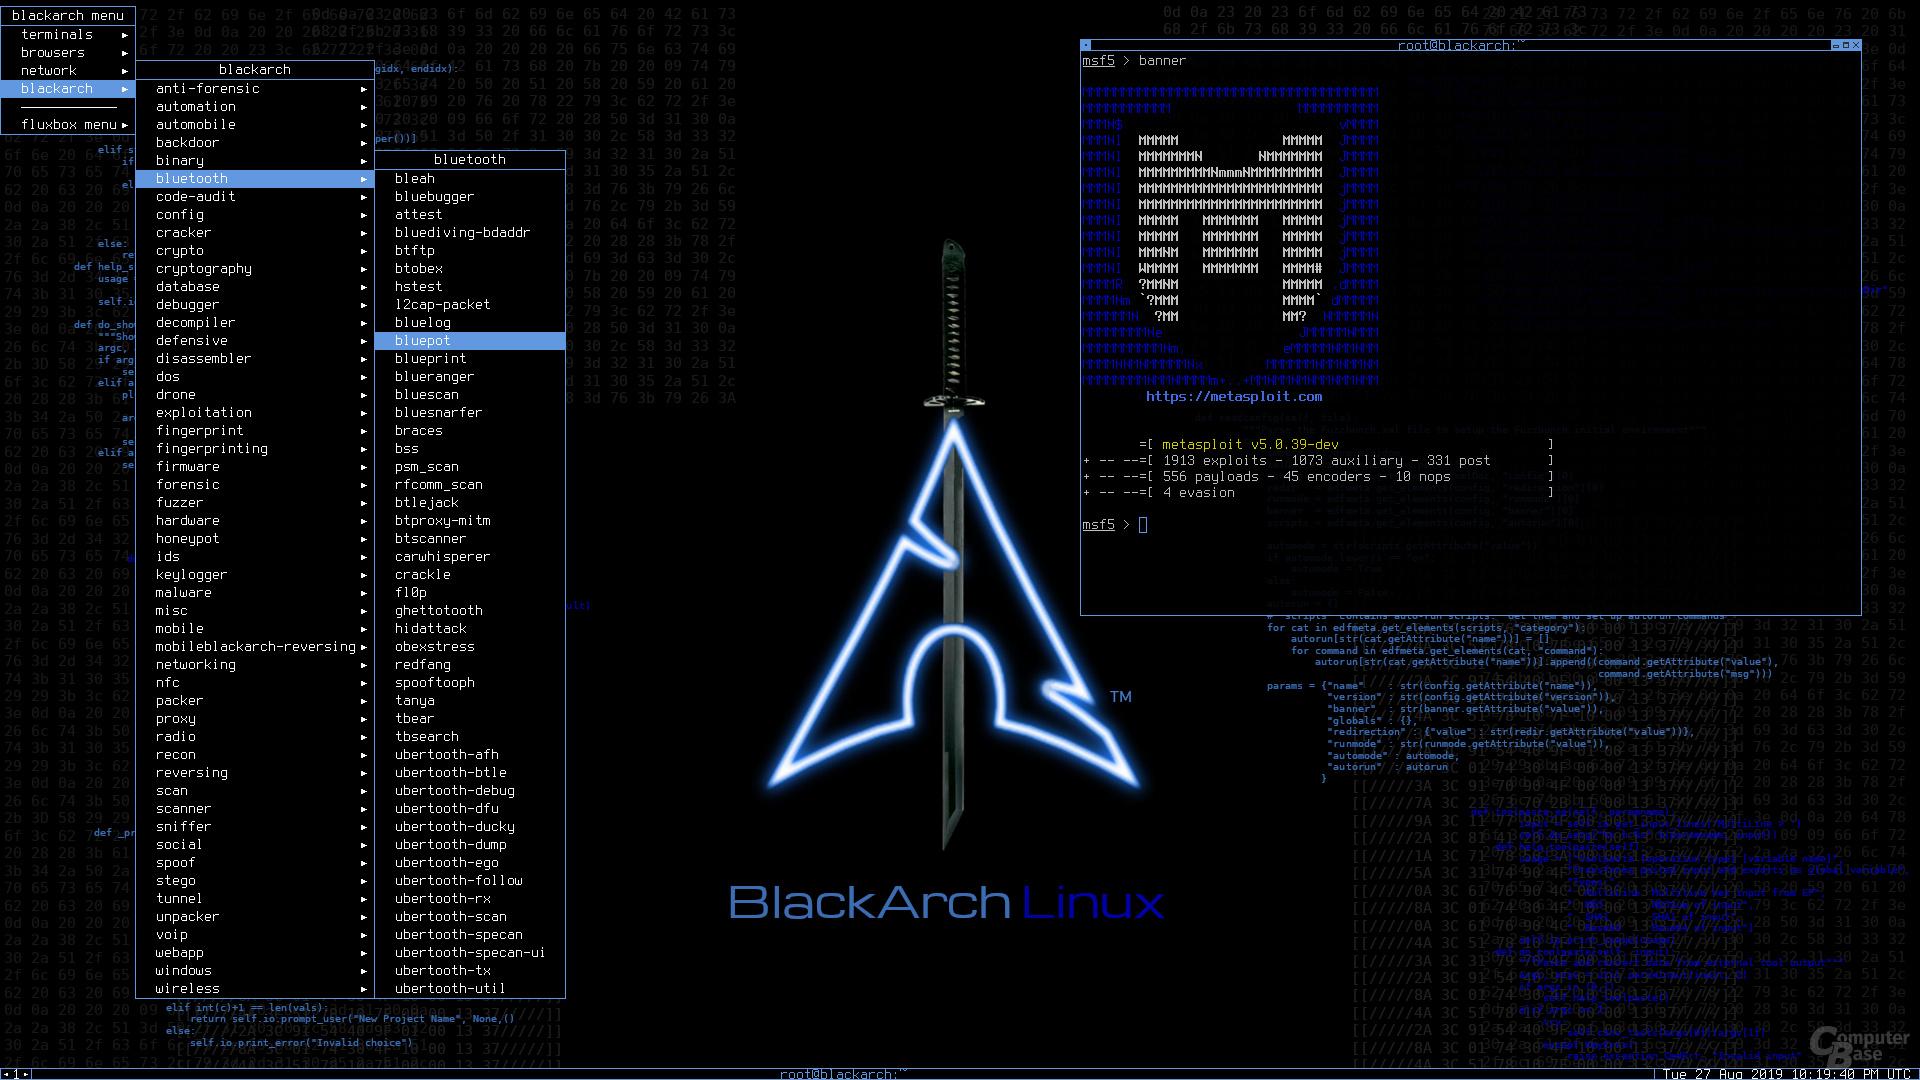 BlackArch Linux mit Fluxbox